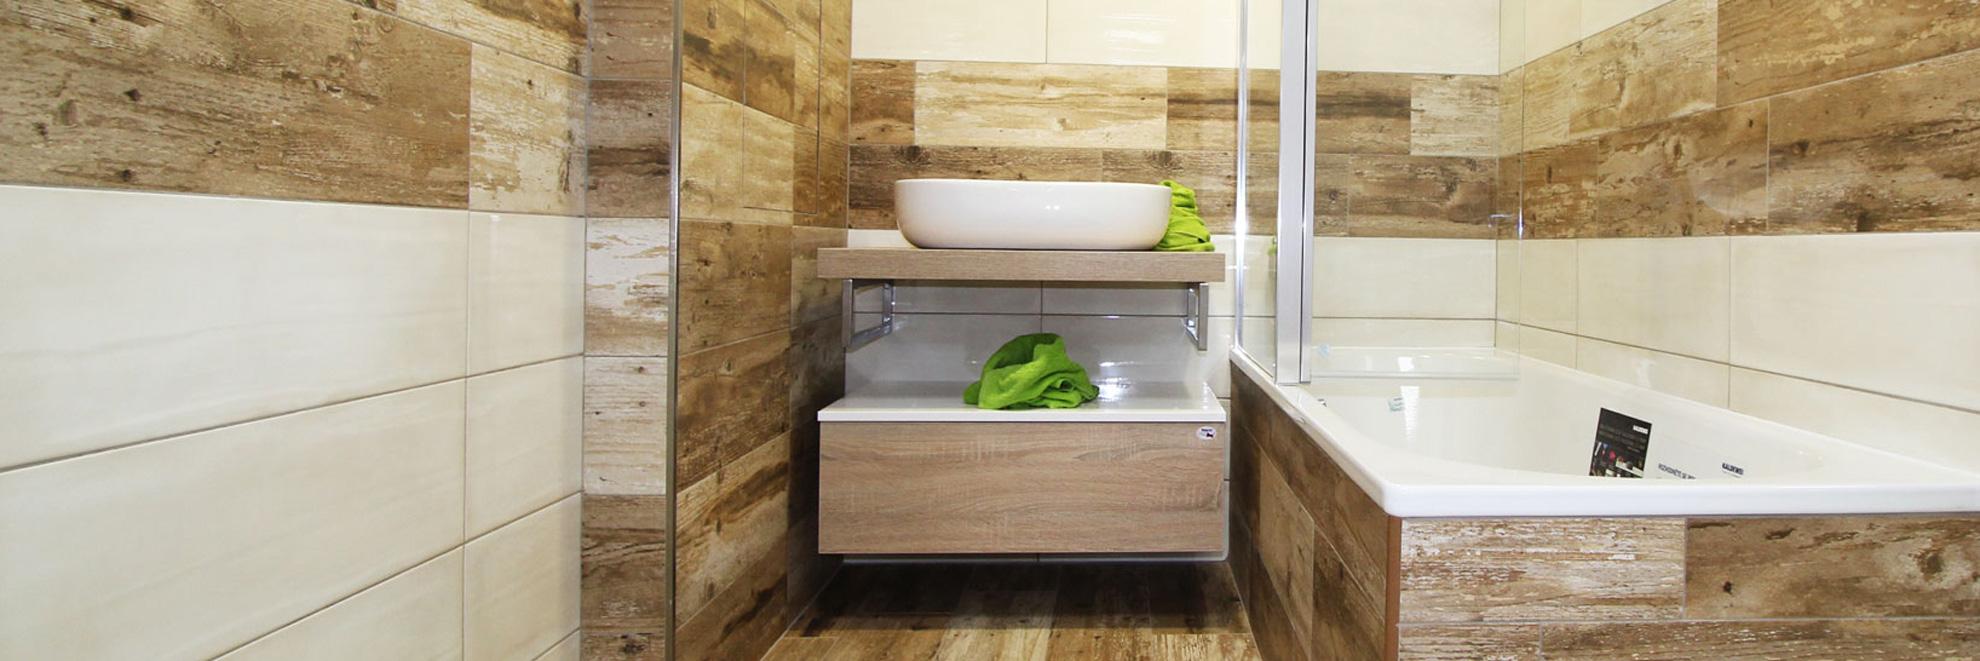 Koupelny-Sota-Kuchyne-Sota-slide (1)